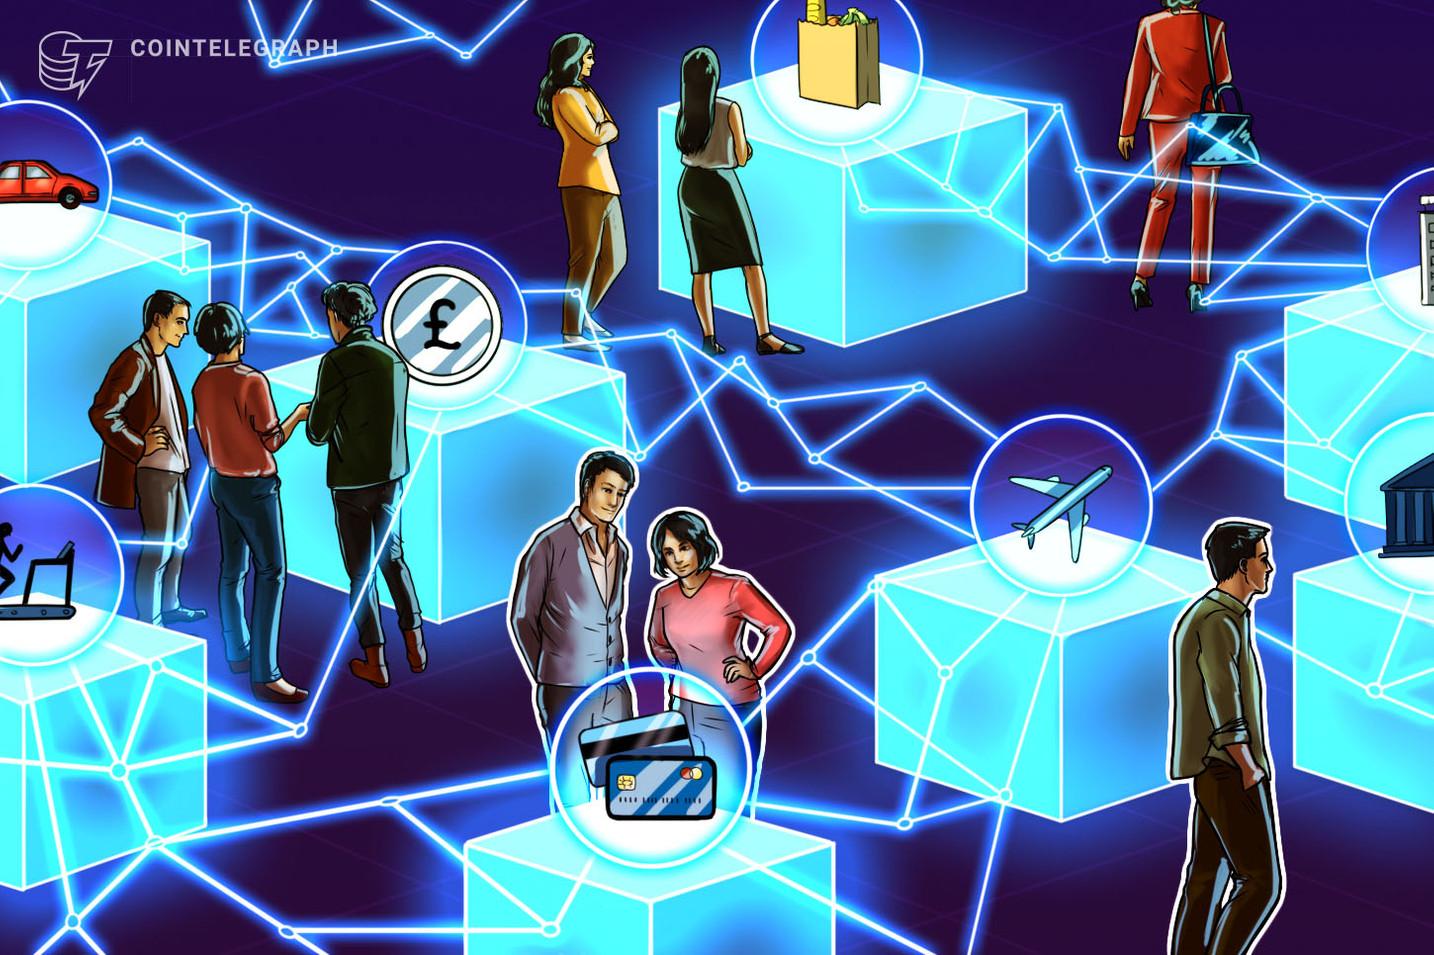 LINEやリクルートなどが出資する米ロイアル、ブロックチェーンで目指す「ロイヤルティ」という意識【再投稿】